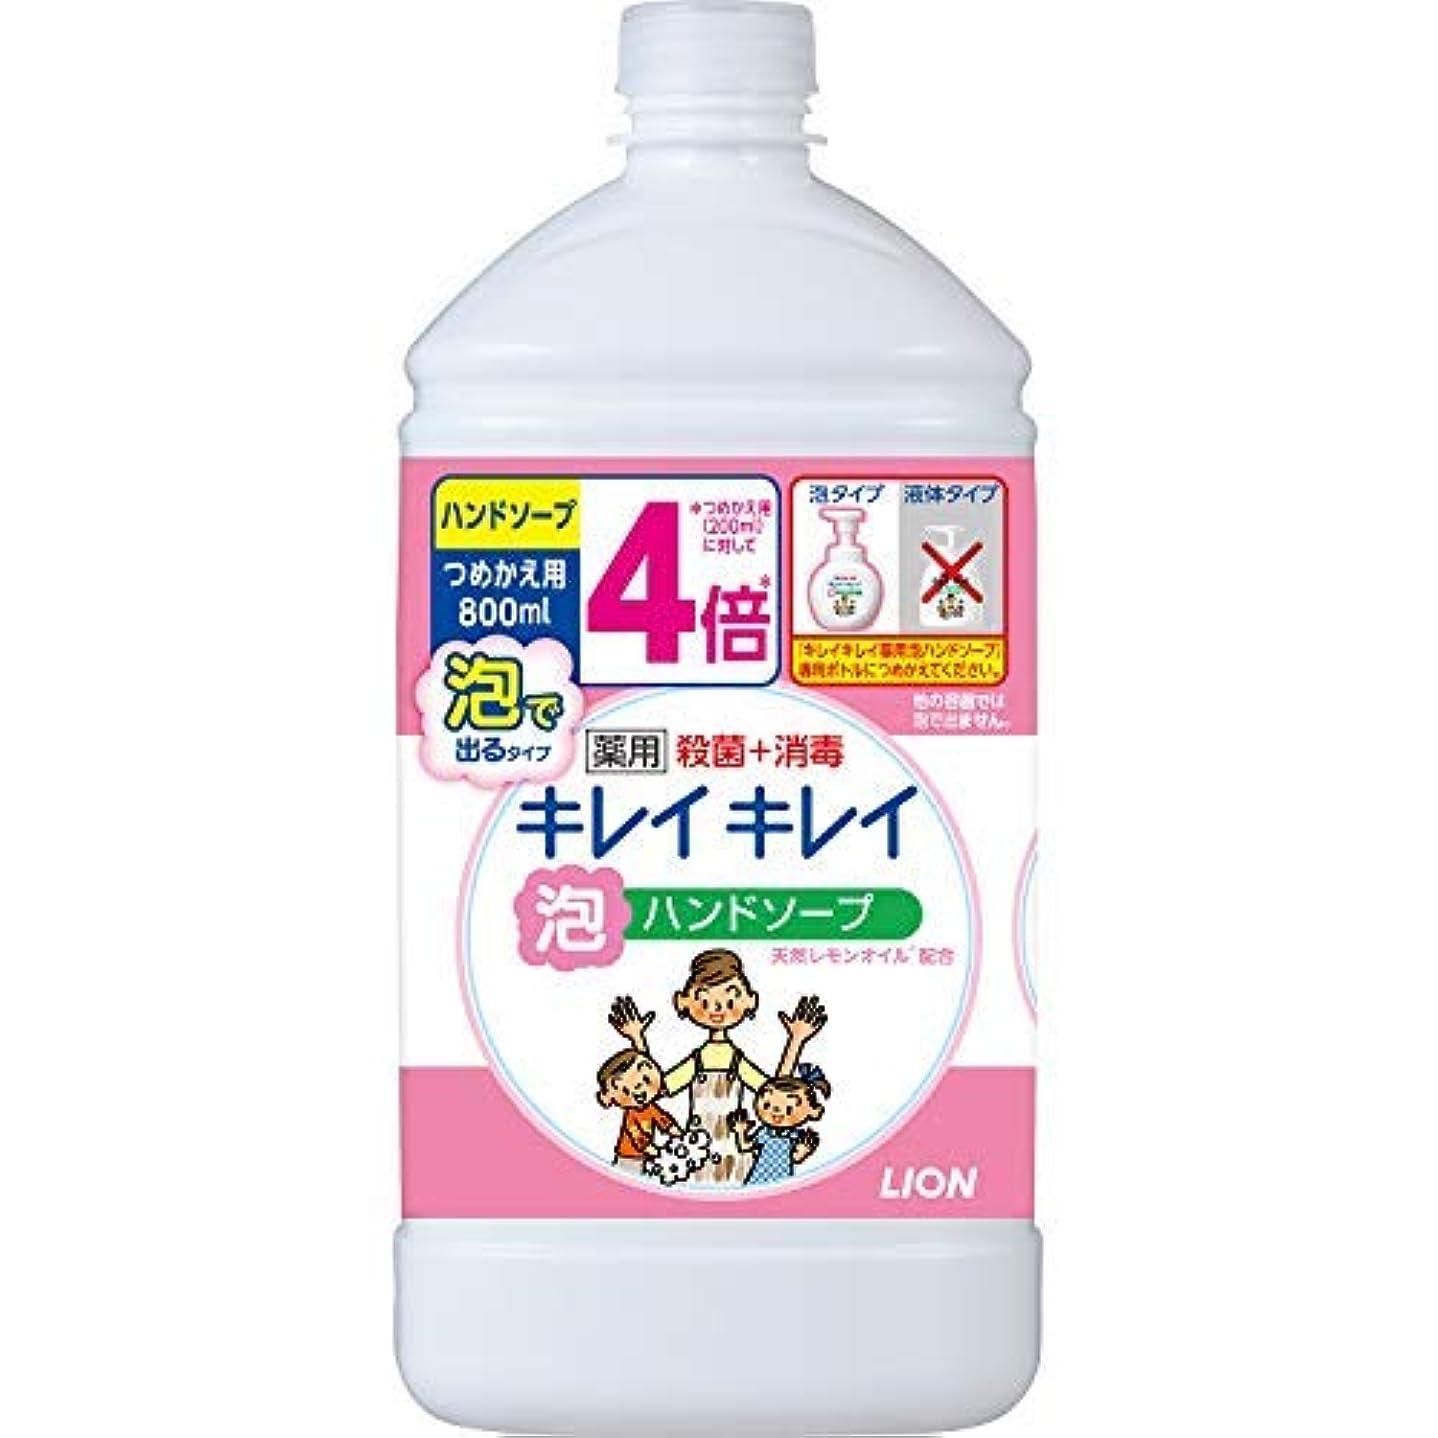 タービン追い払う結核キレイキレイ 薬用泡ハンドソープ つめかえ用特大サイズ シトラスフルーティ × 3個セット